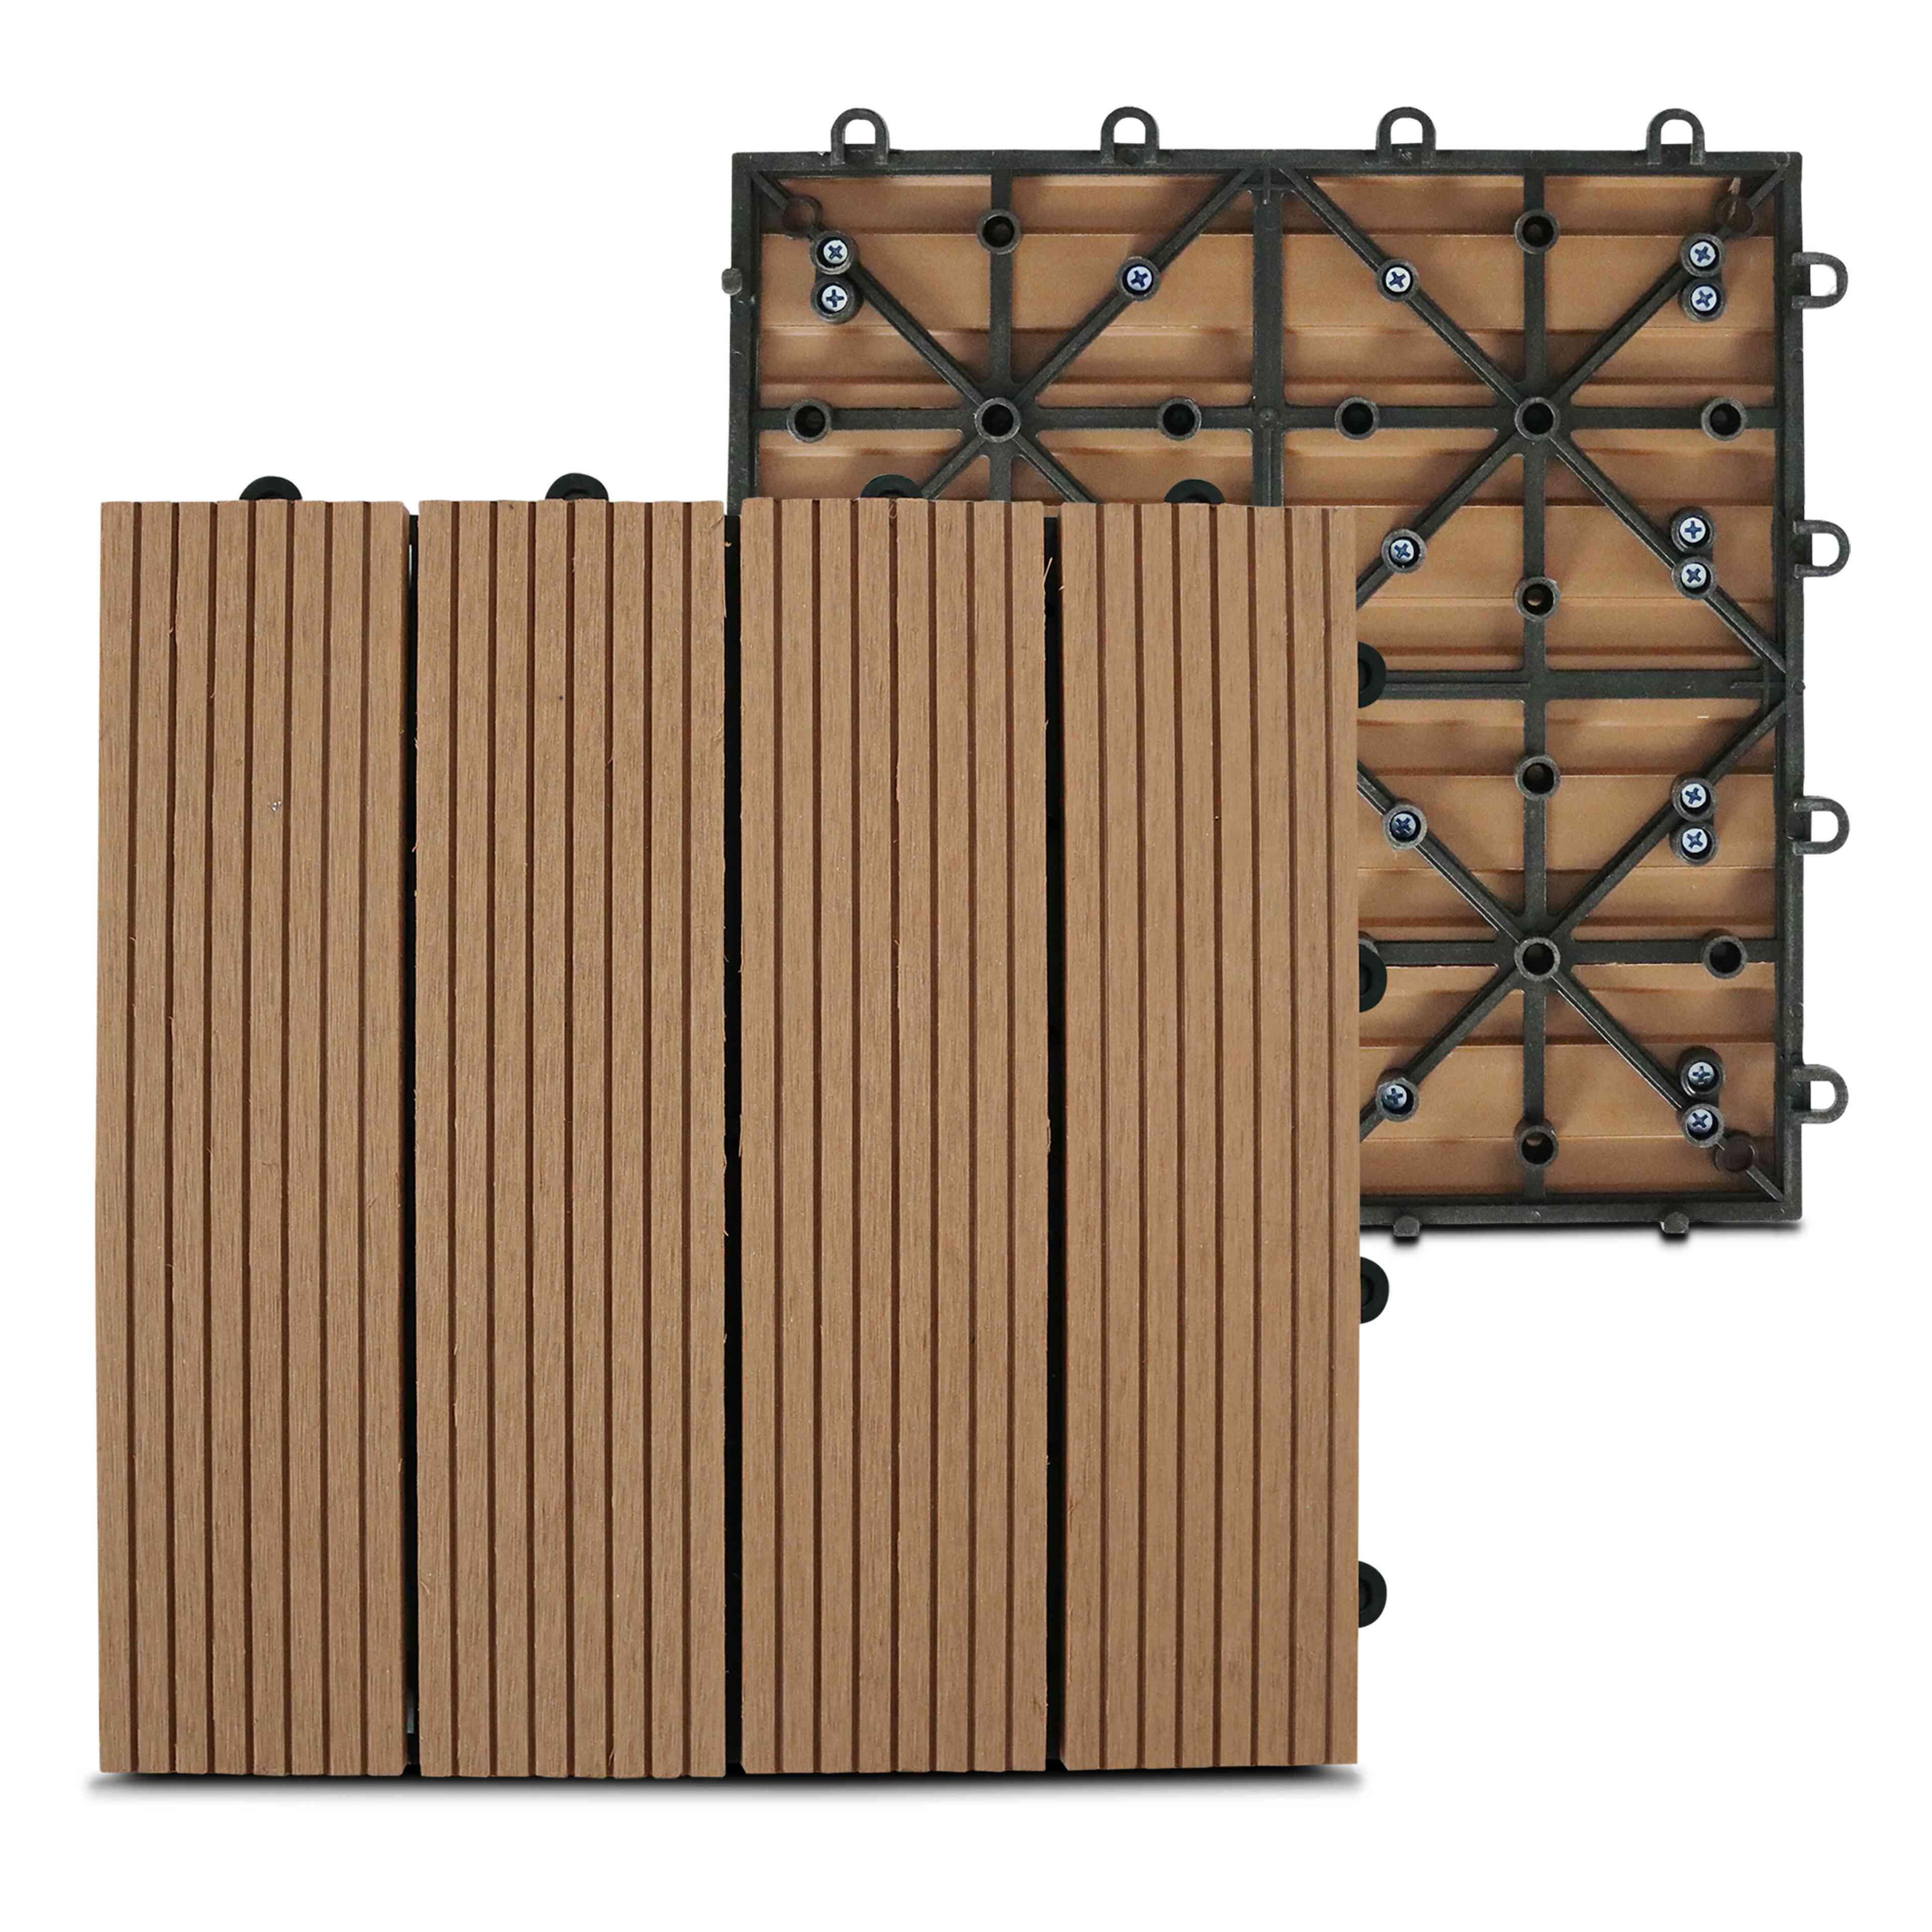 Vente Bois Pour Terrasse dalle terrasse clipsable bois composite